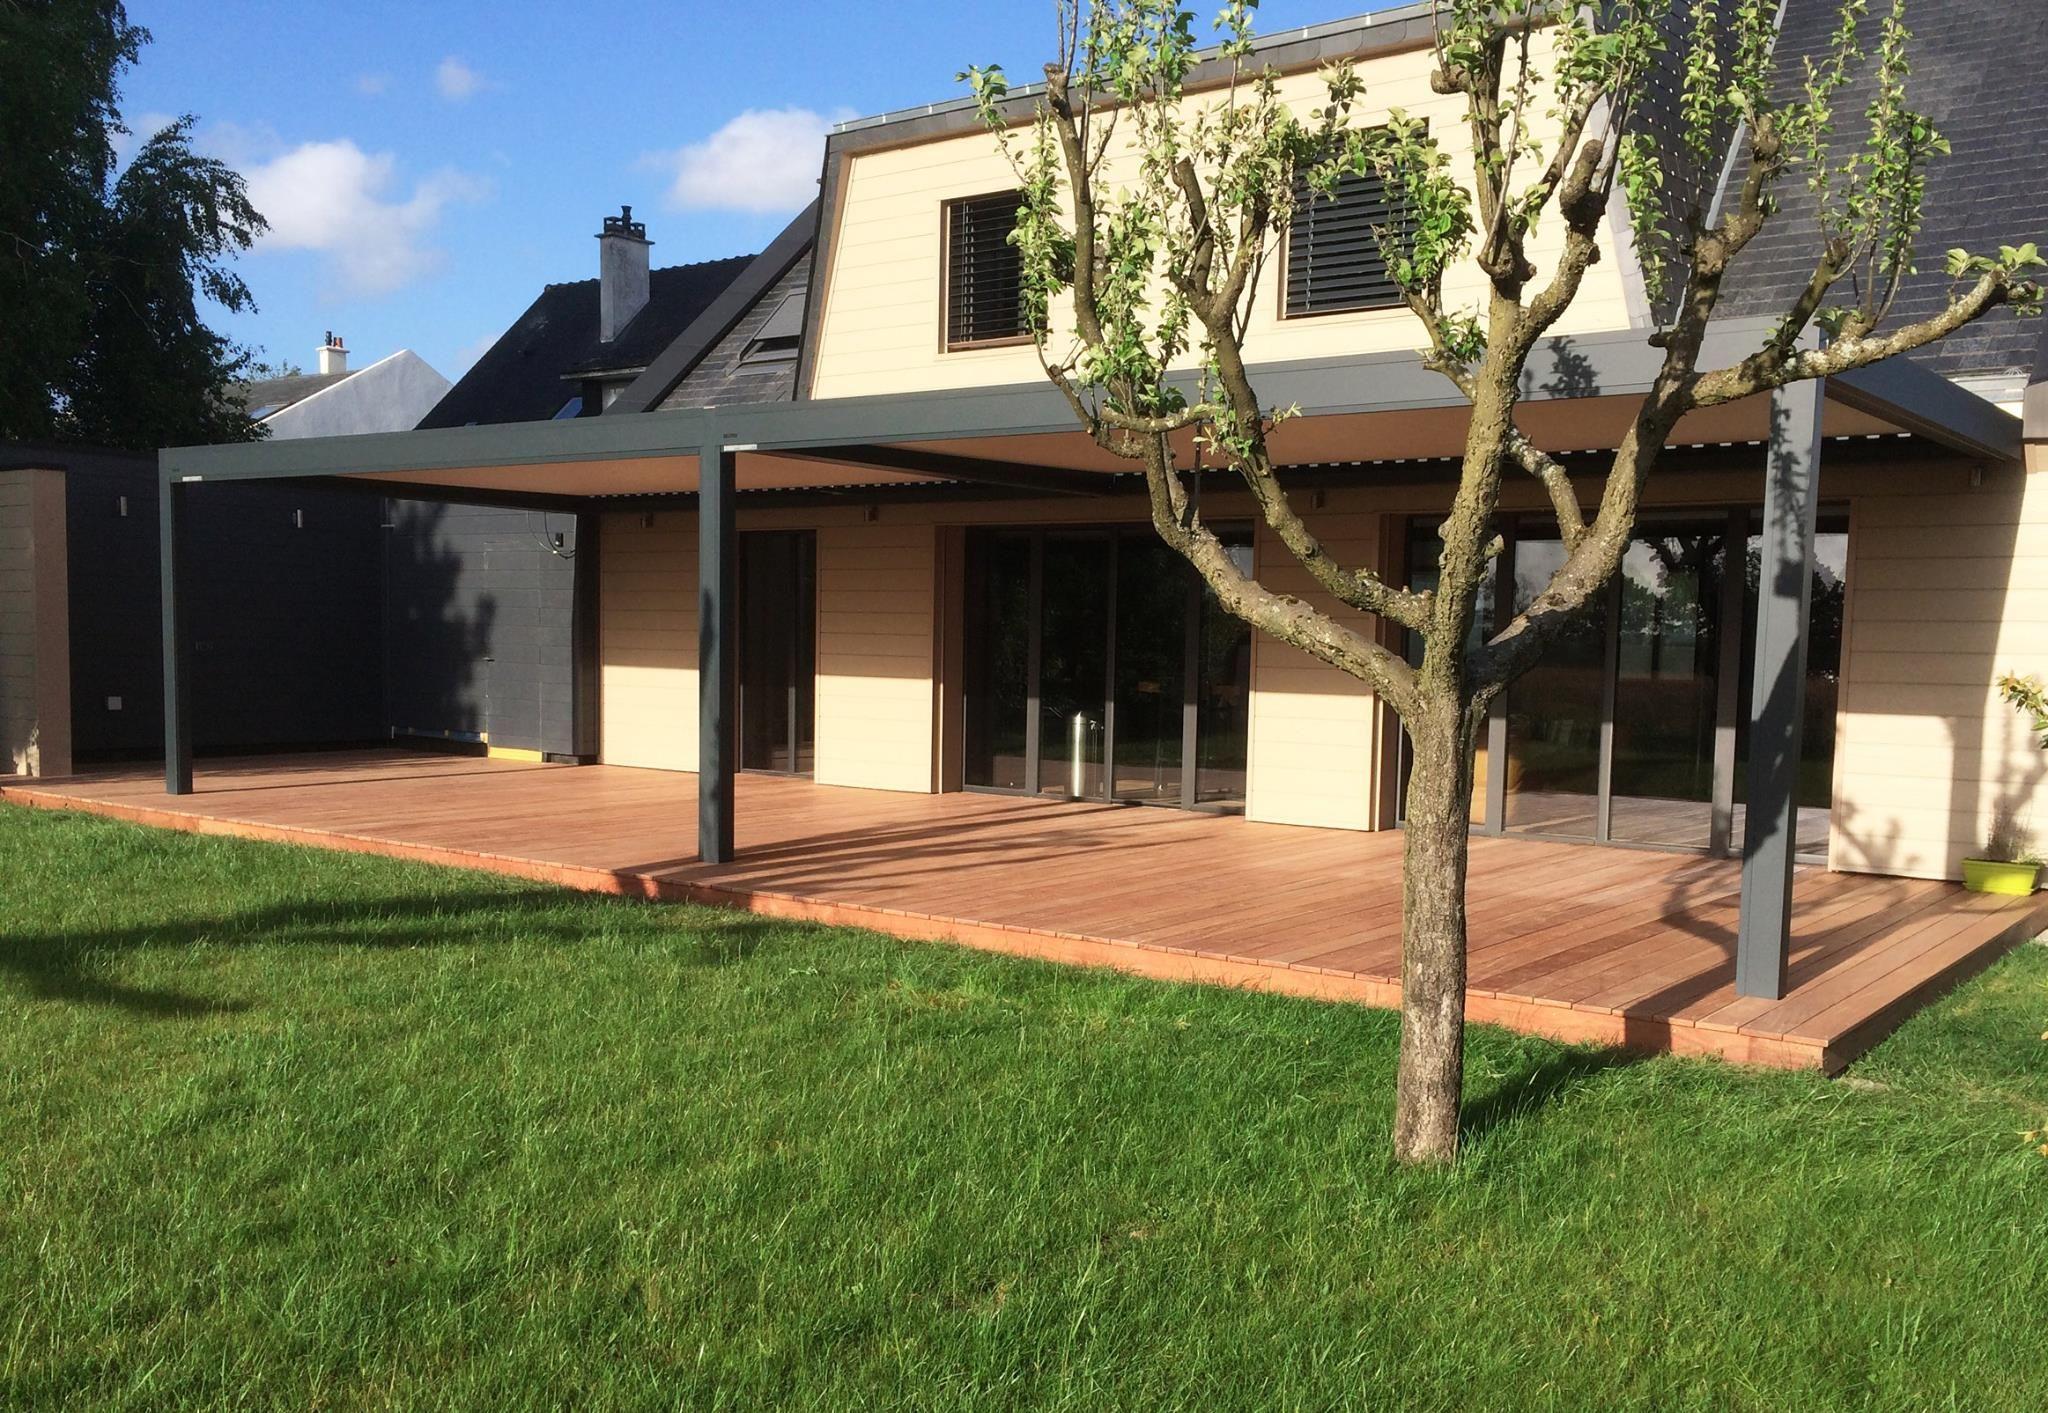 Terrasse bois en Cumaru sur plot de 70m2  Réalisée à la Chapelle-sur-Erdre par l'Atelier Languin (menuiserie à Nantes)  #menuiserie #terrasse #agencement #extérieur #bois #wood #design #menuisier #deco